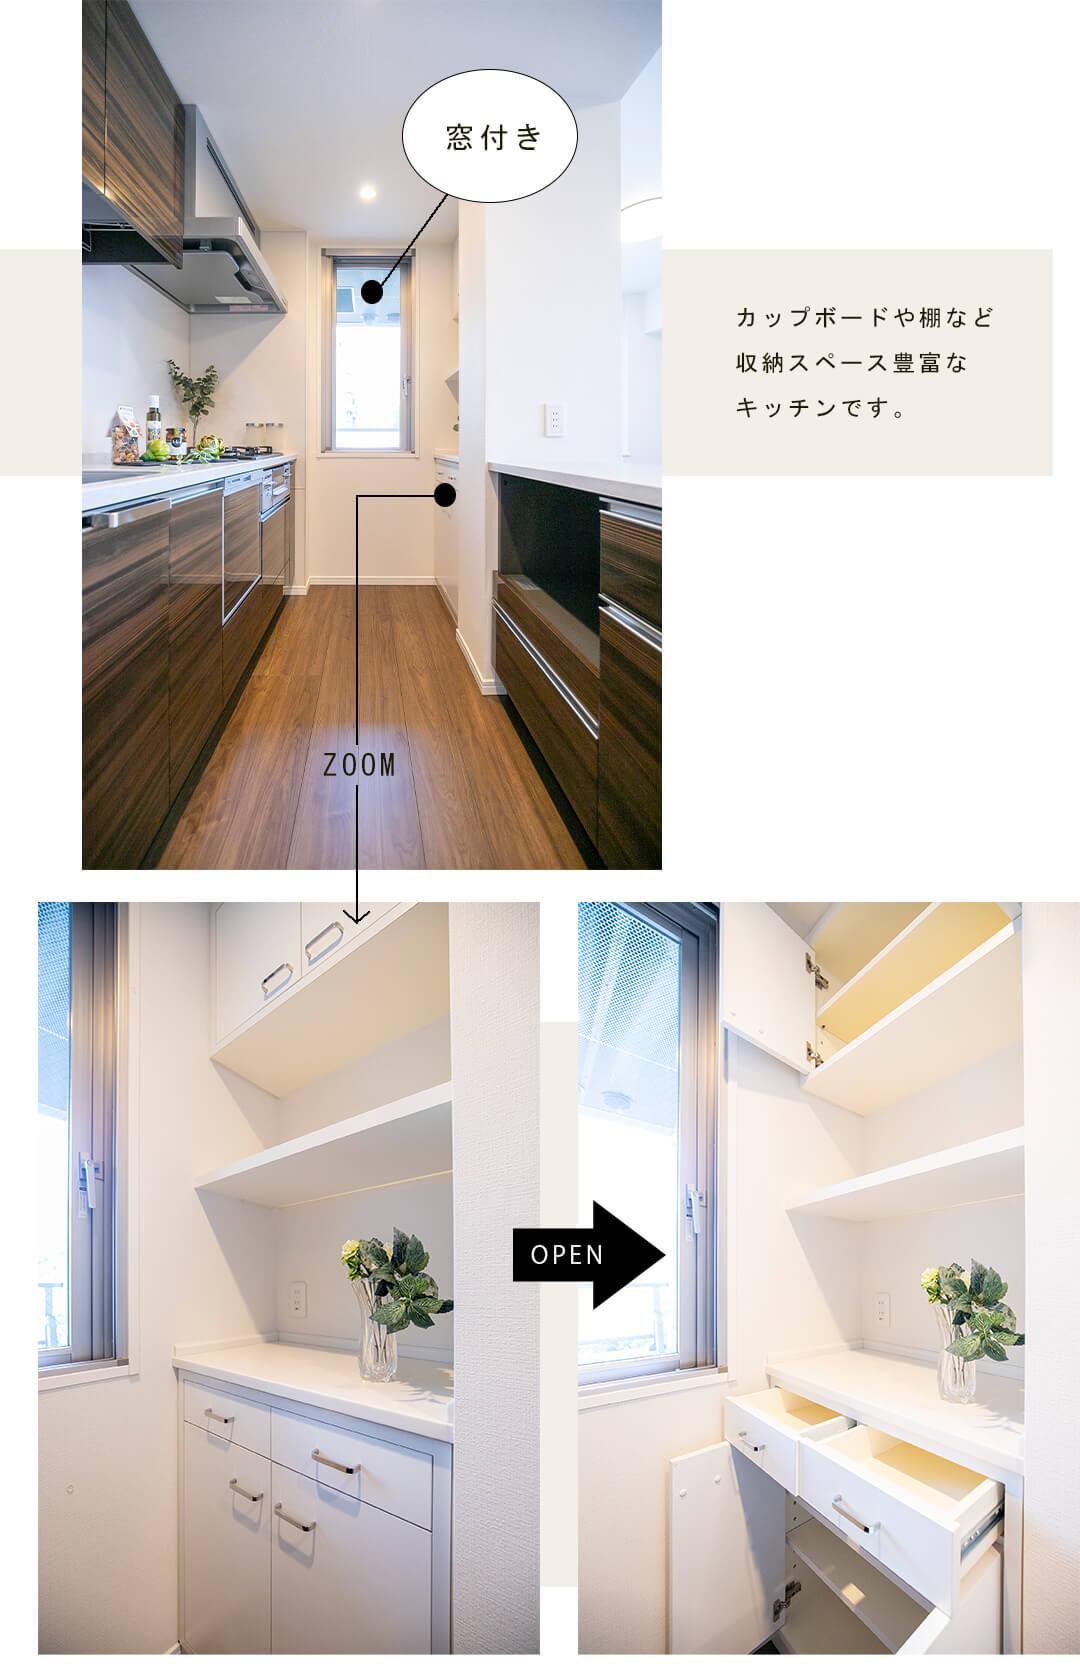 ファミールグランスイートTHE赤坂のキッチン